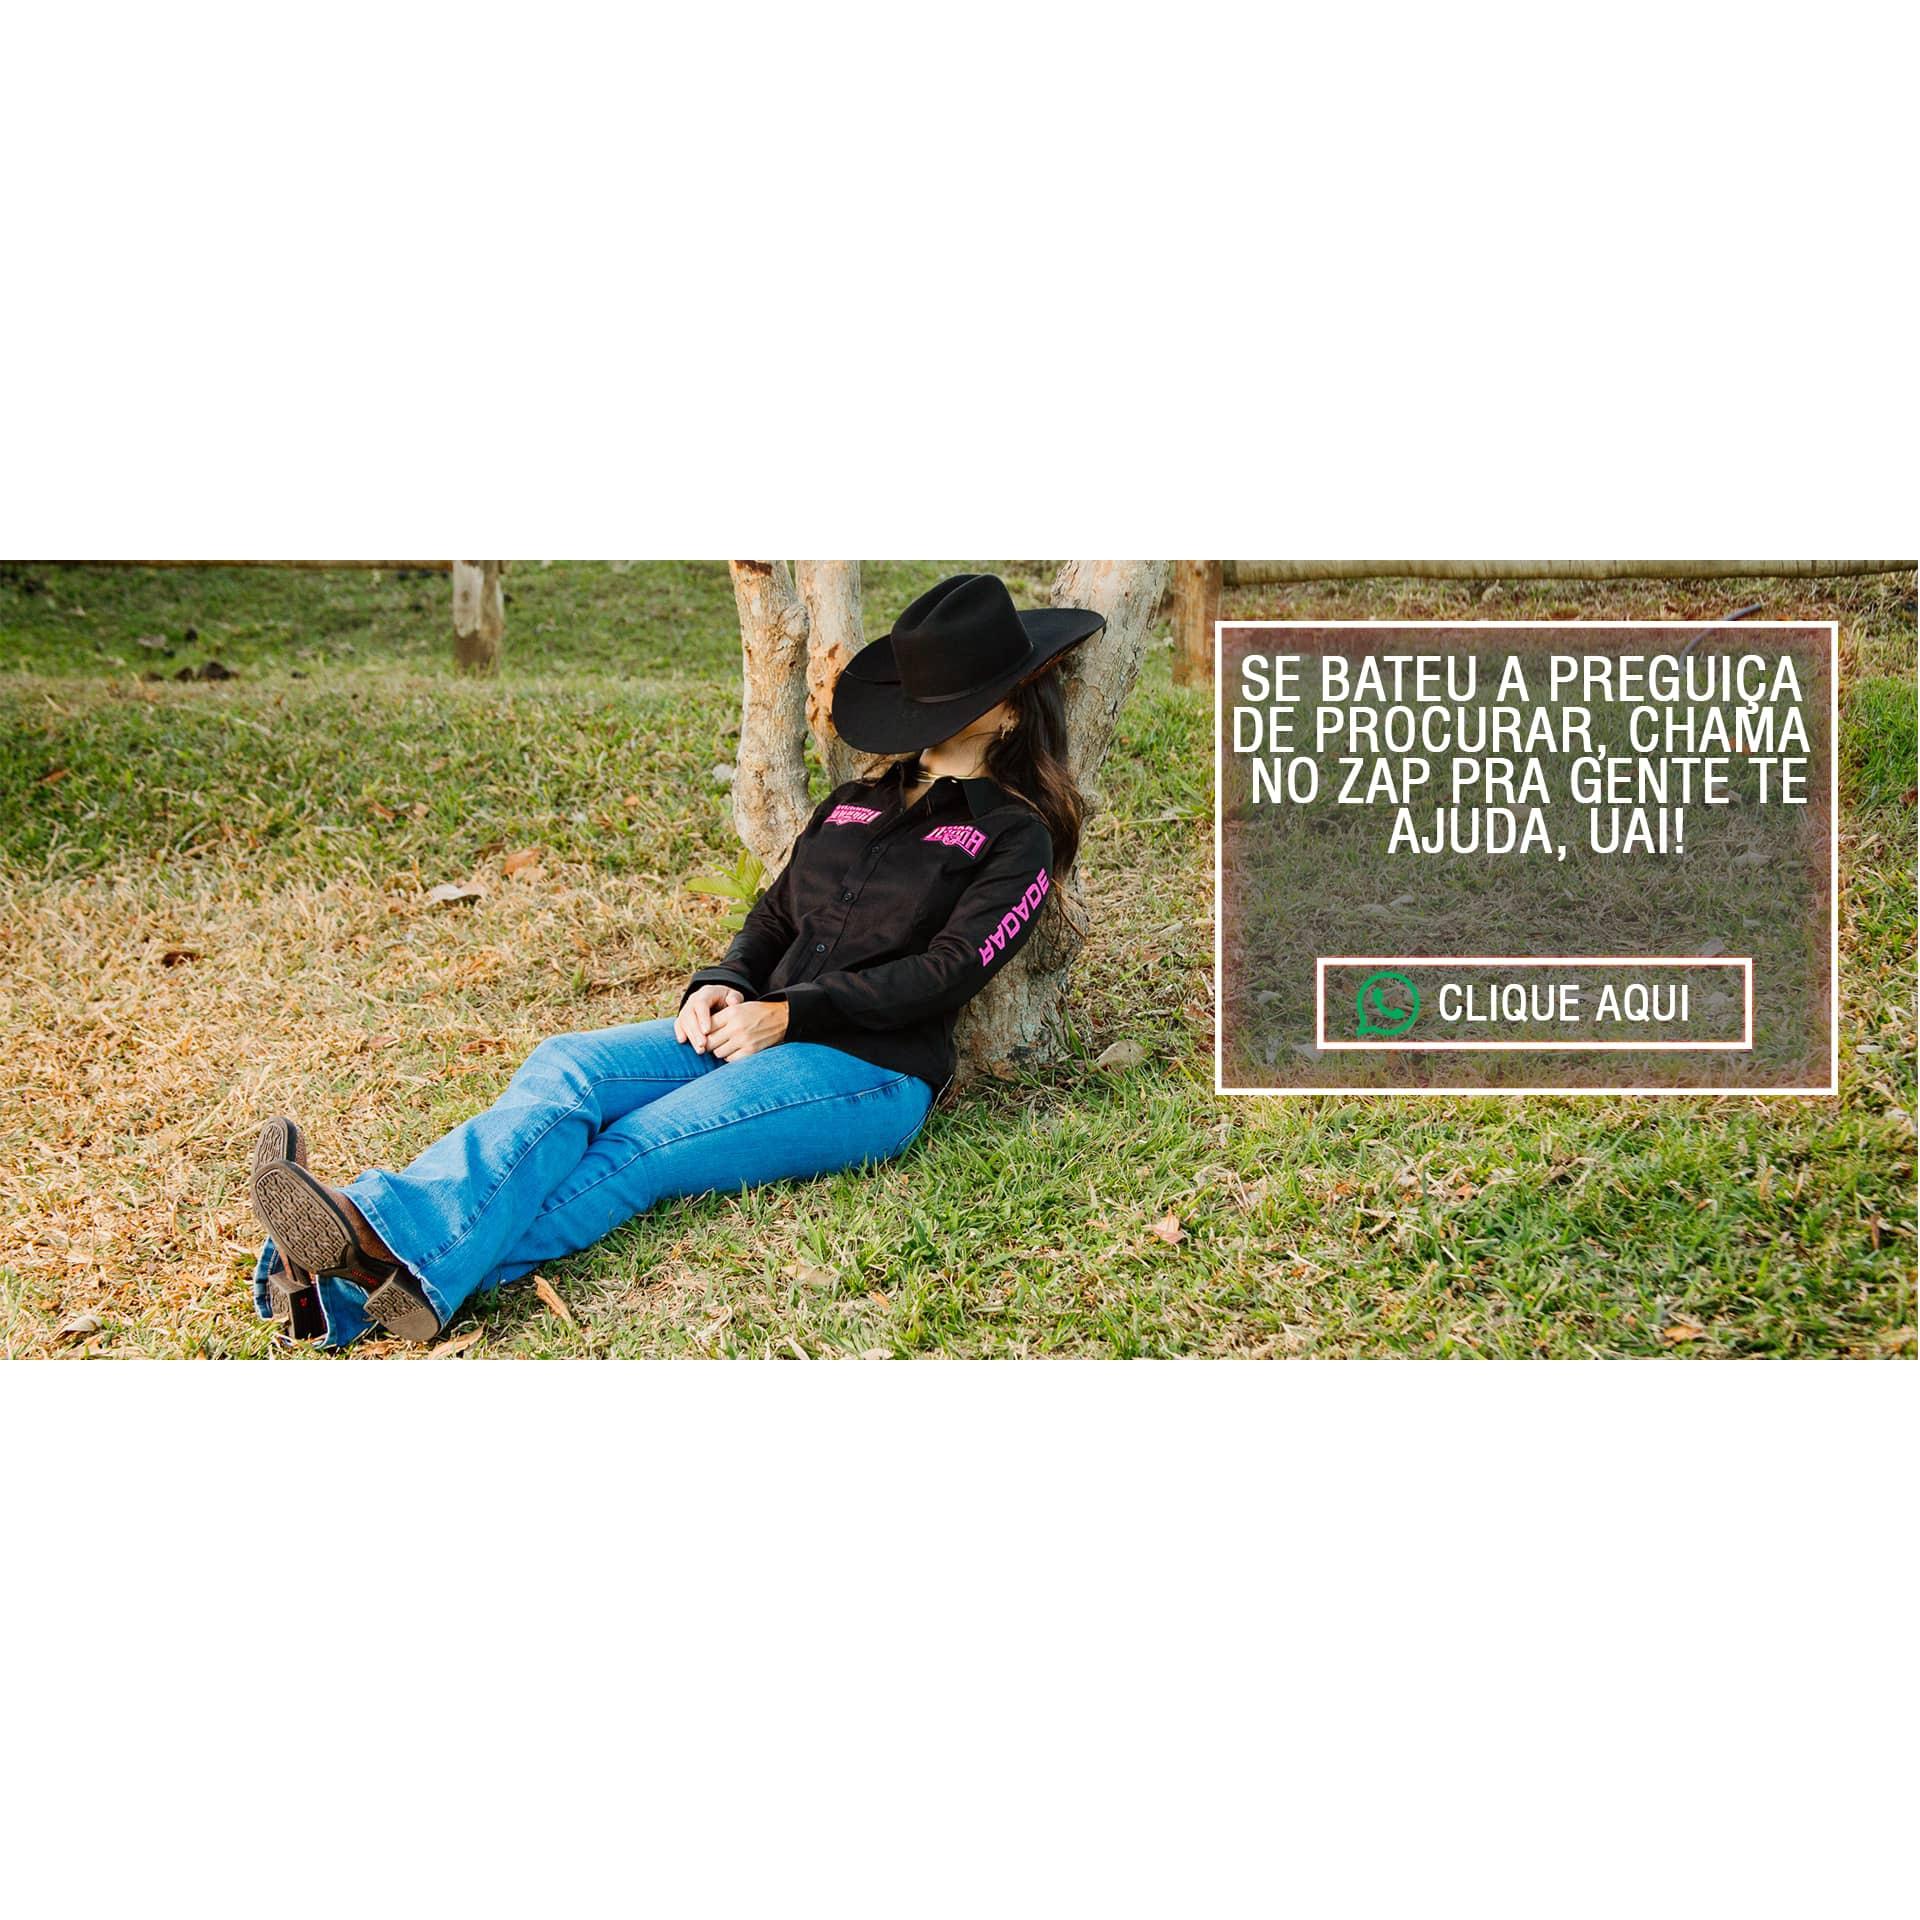 Uma linda garota, sentada na grama, tirando um cochilo encostada na arvore; Essa imagem possui um link para mensagem no whatsapp